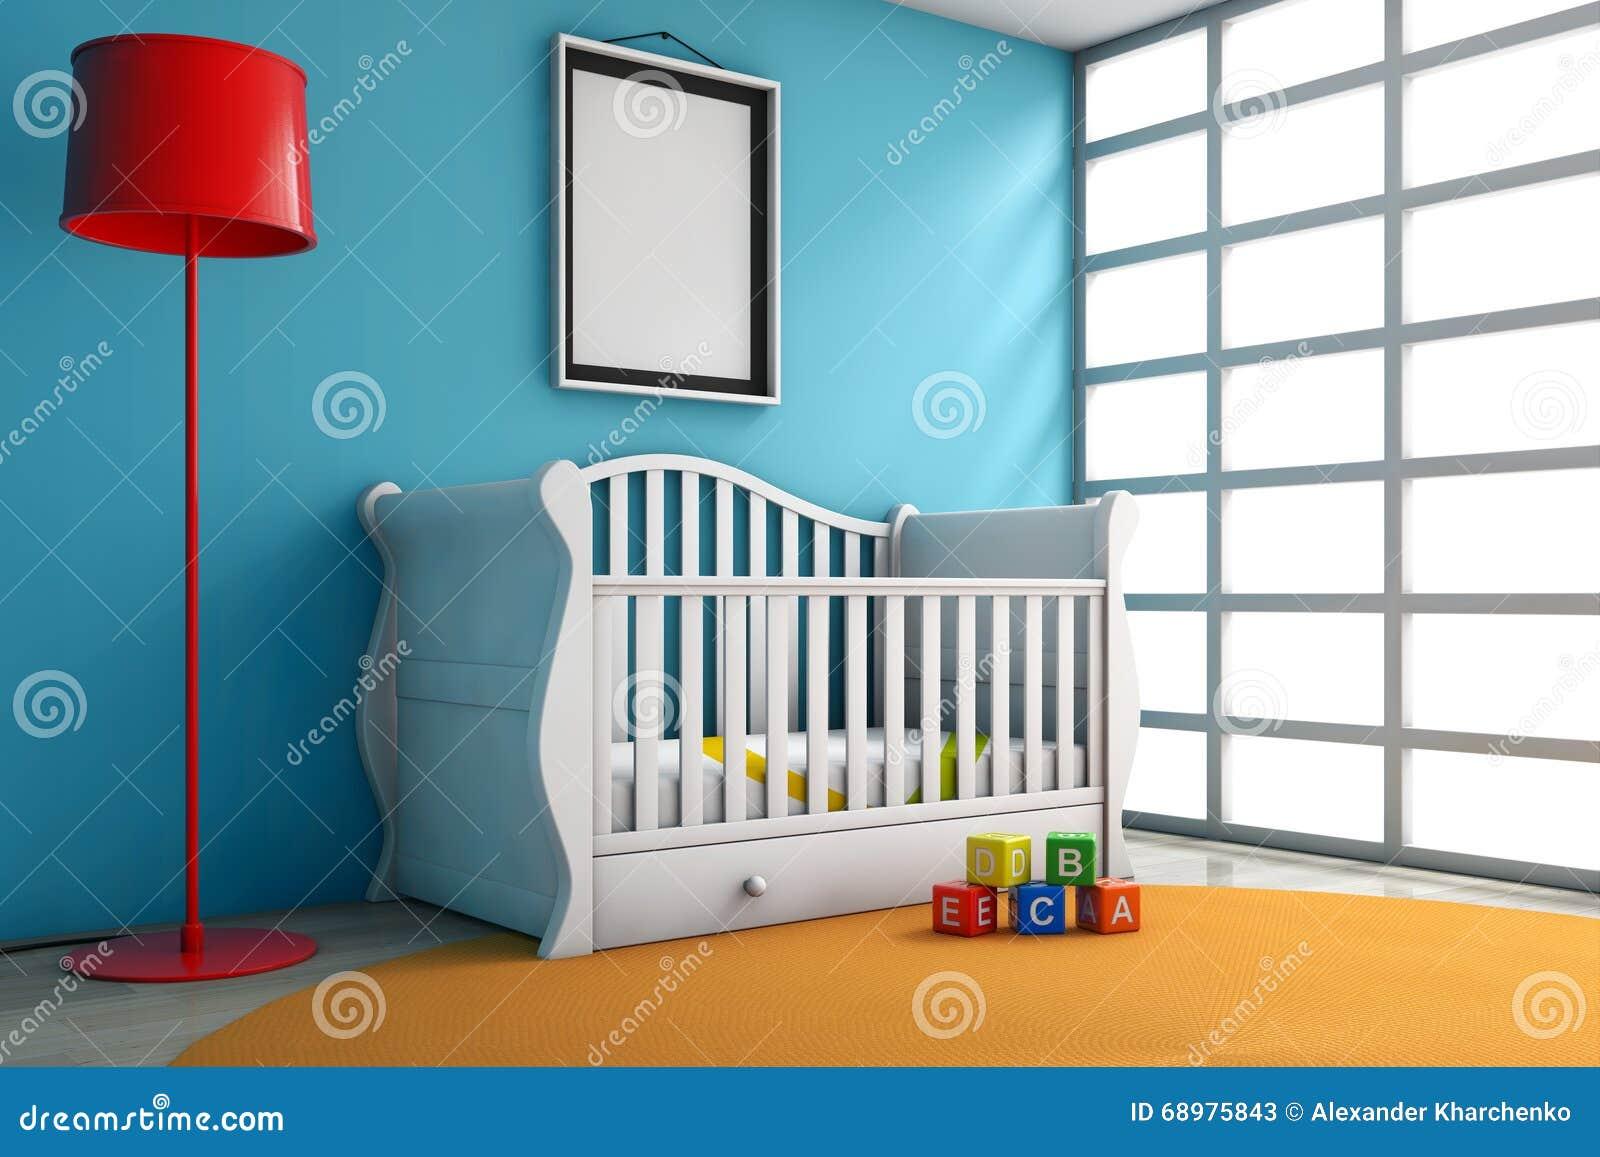 Sitio de niños con la cama, la lámpara y el marco en blanco de la foto